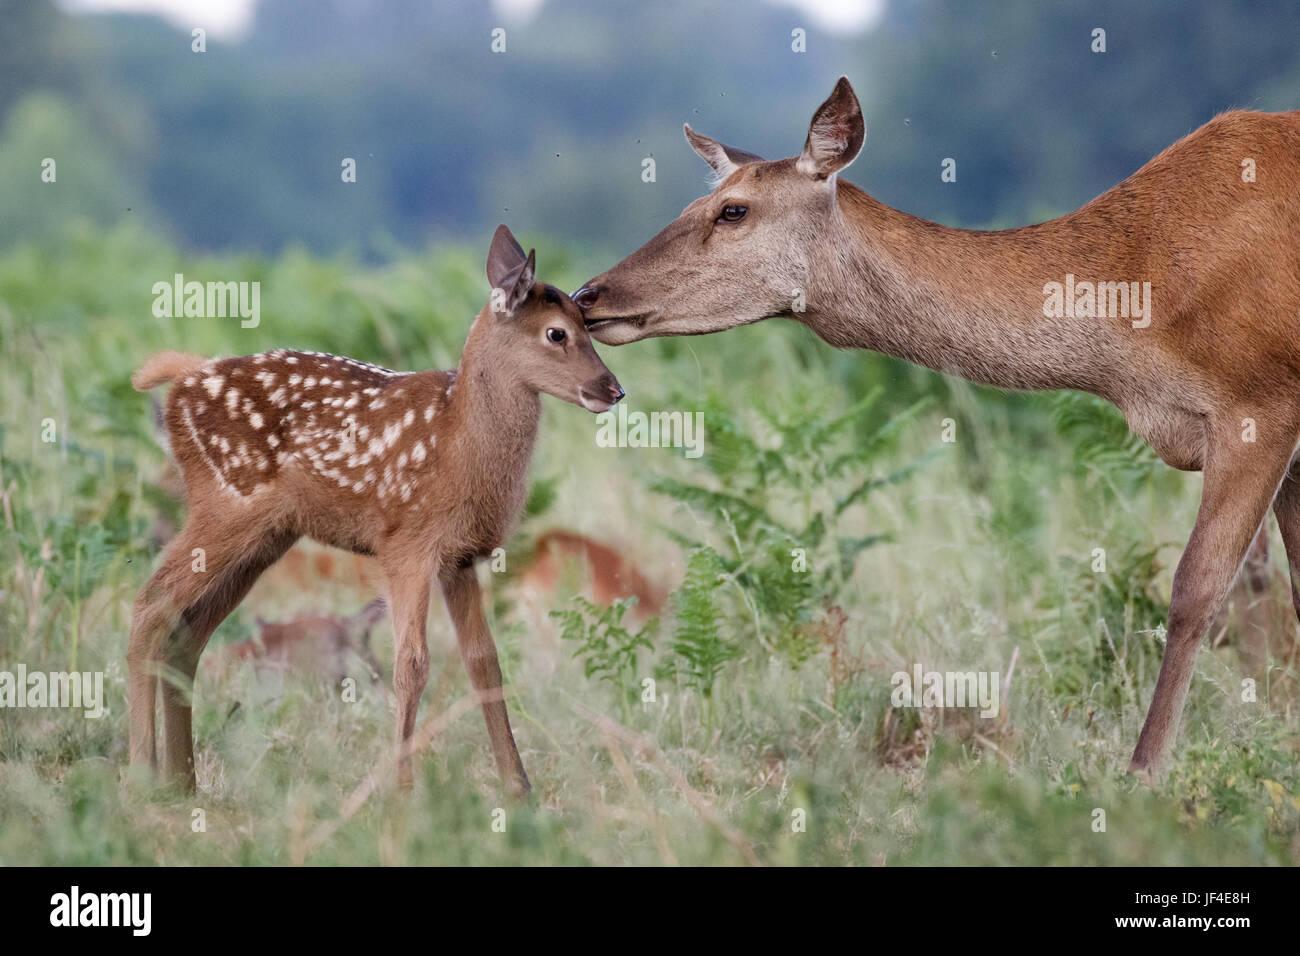 Ciervo rojo (Cervus elaphus) hembra hind madre y bebé ternero tener un tierno momento pegado Imagen De Stock